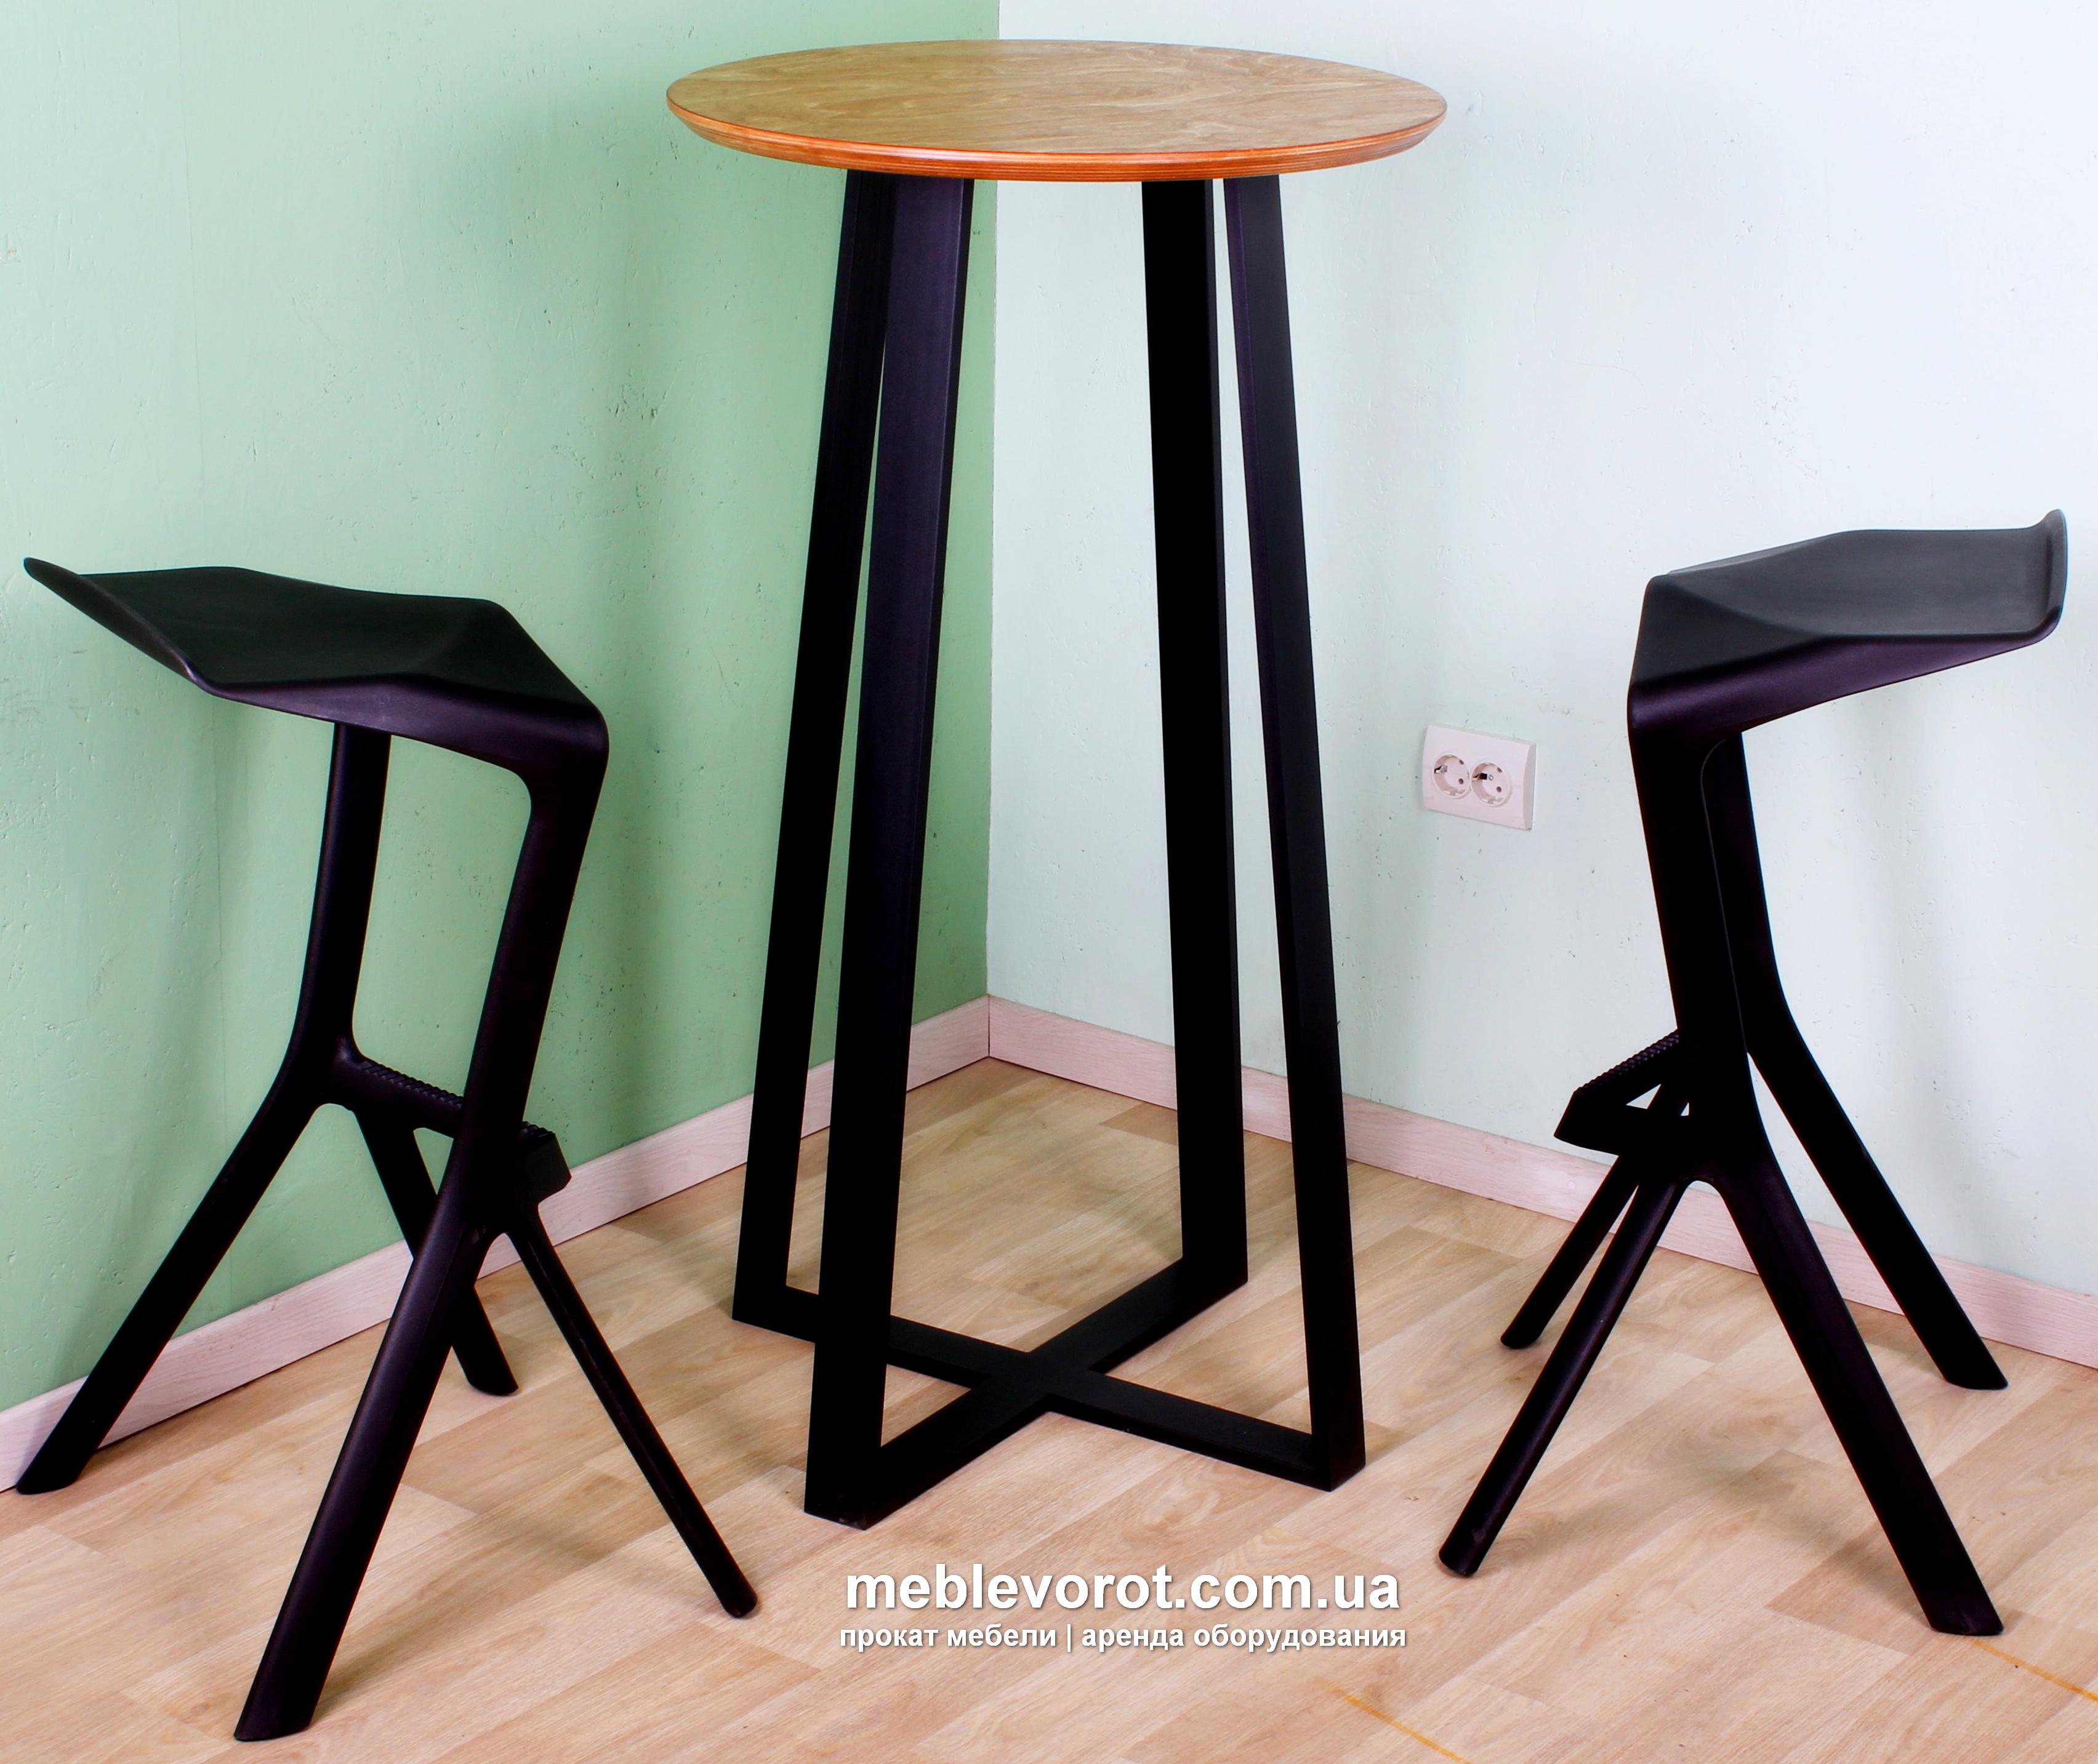 прокат столов для улицы Meblevorot Tm аренда любой мебели в киеве